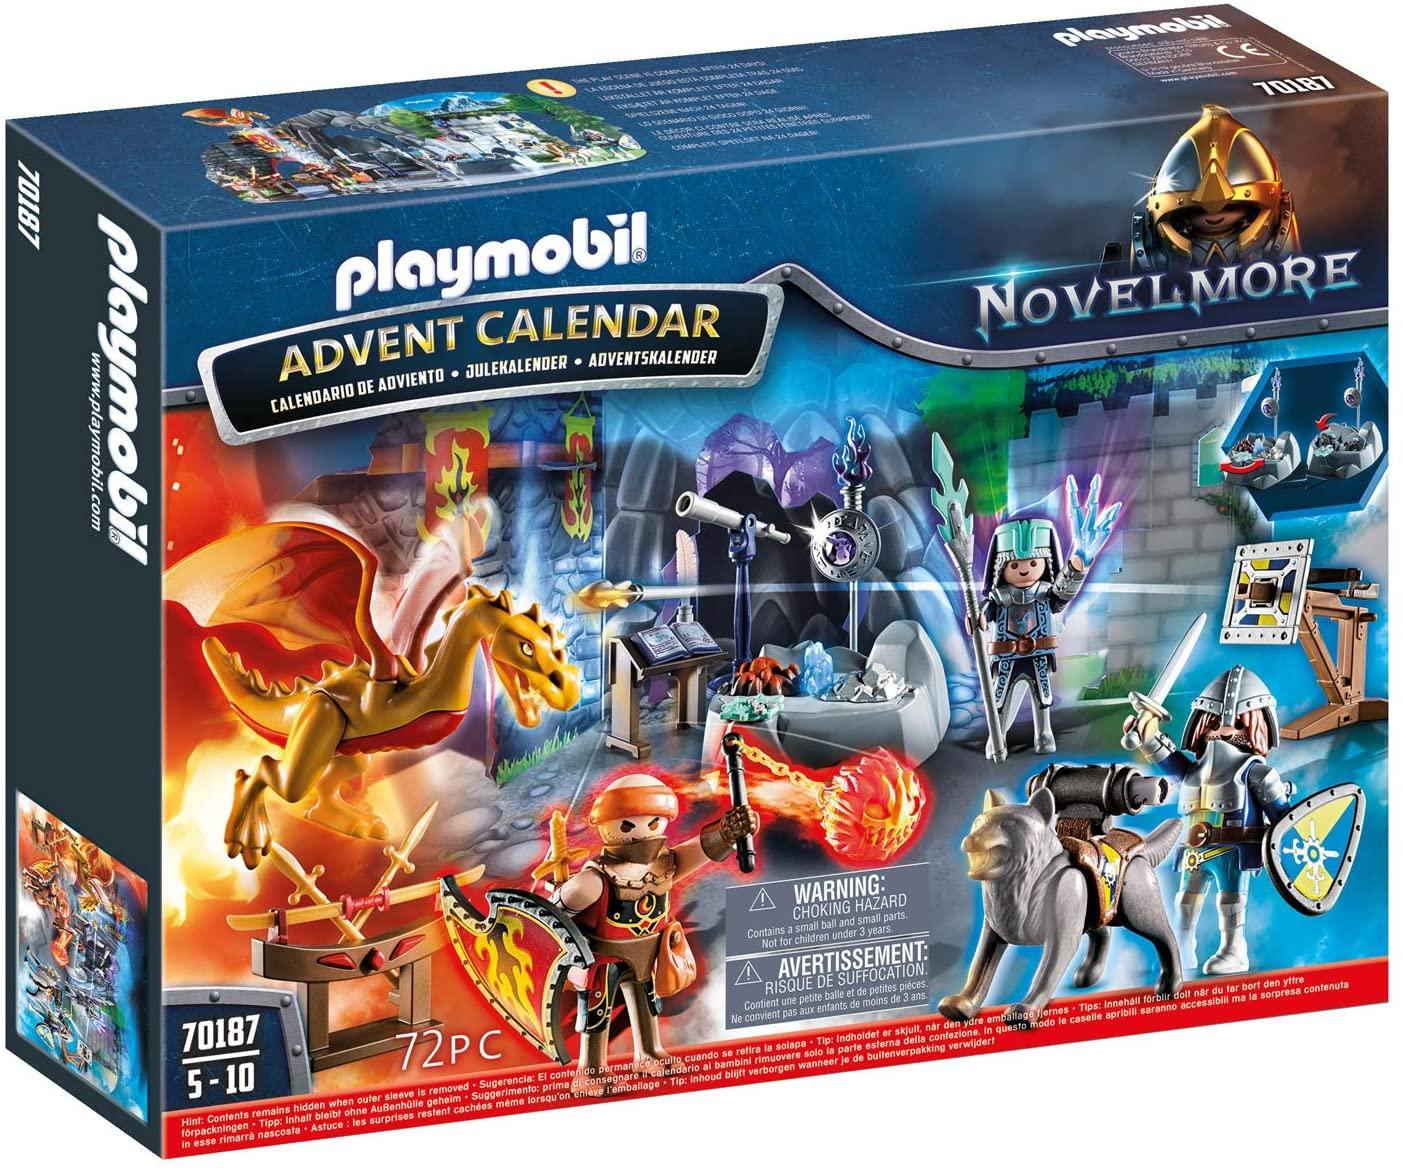 Playmobil Adventskalender 70187 Gevecht om de magische steen, voor kinderen van 5-10 jaar, kleurrijk, één maat